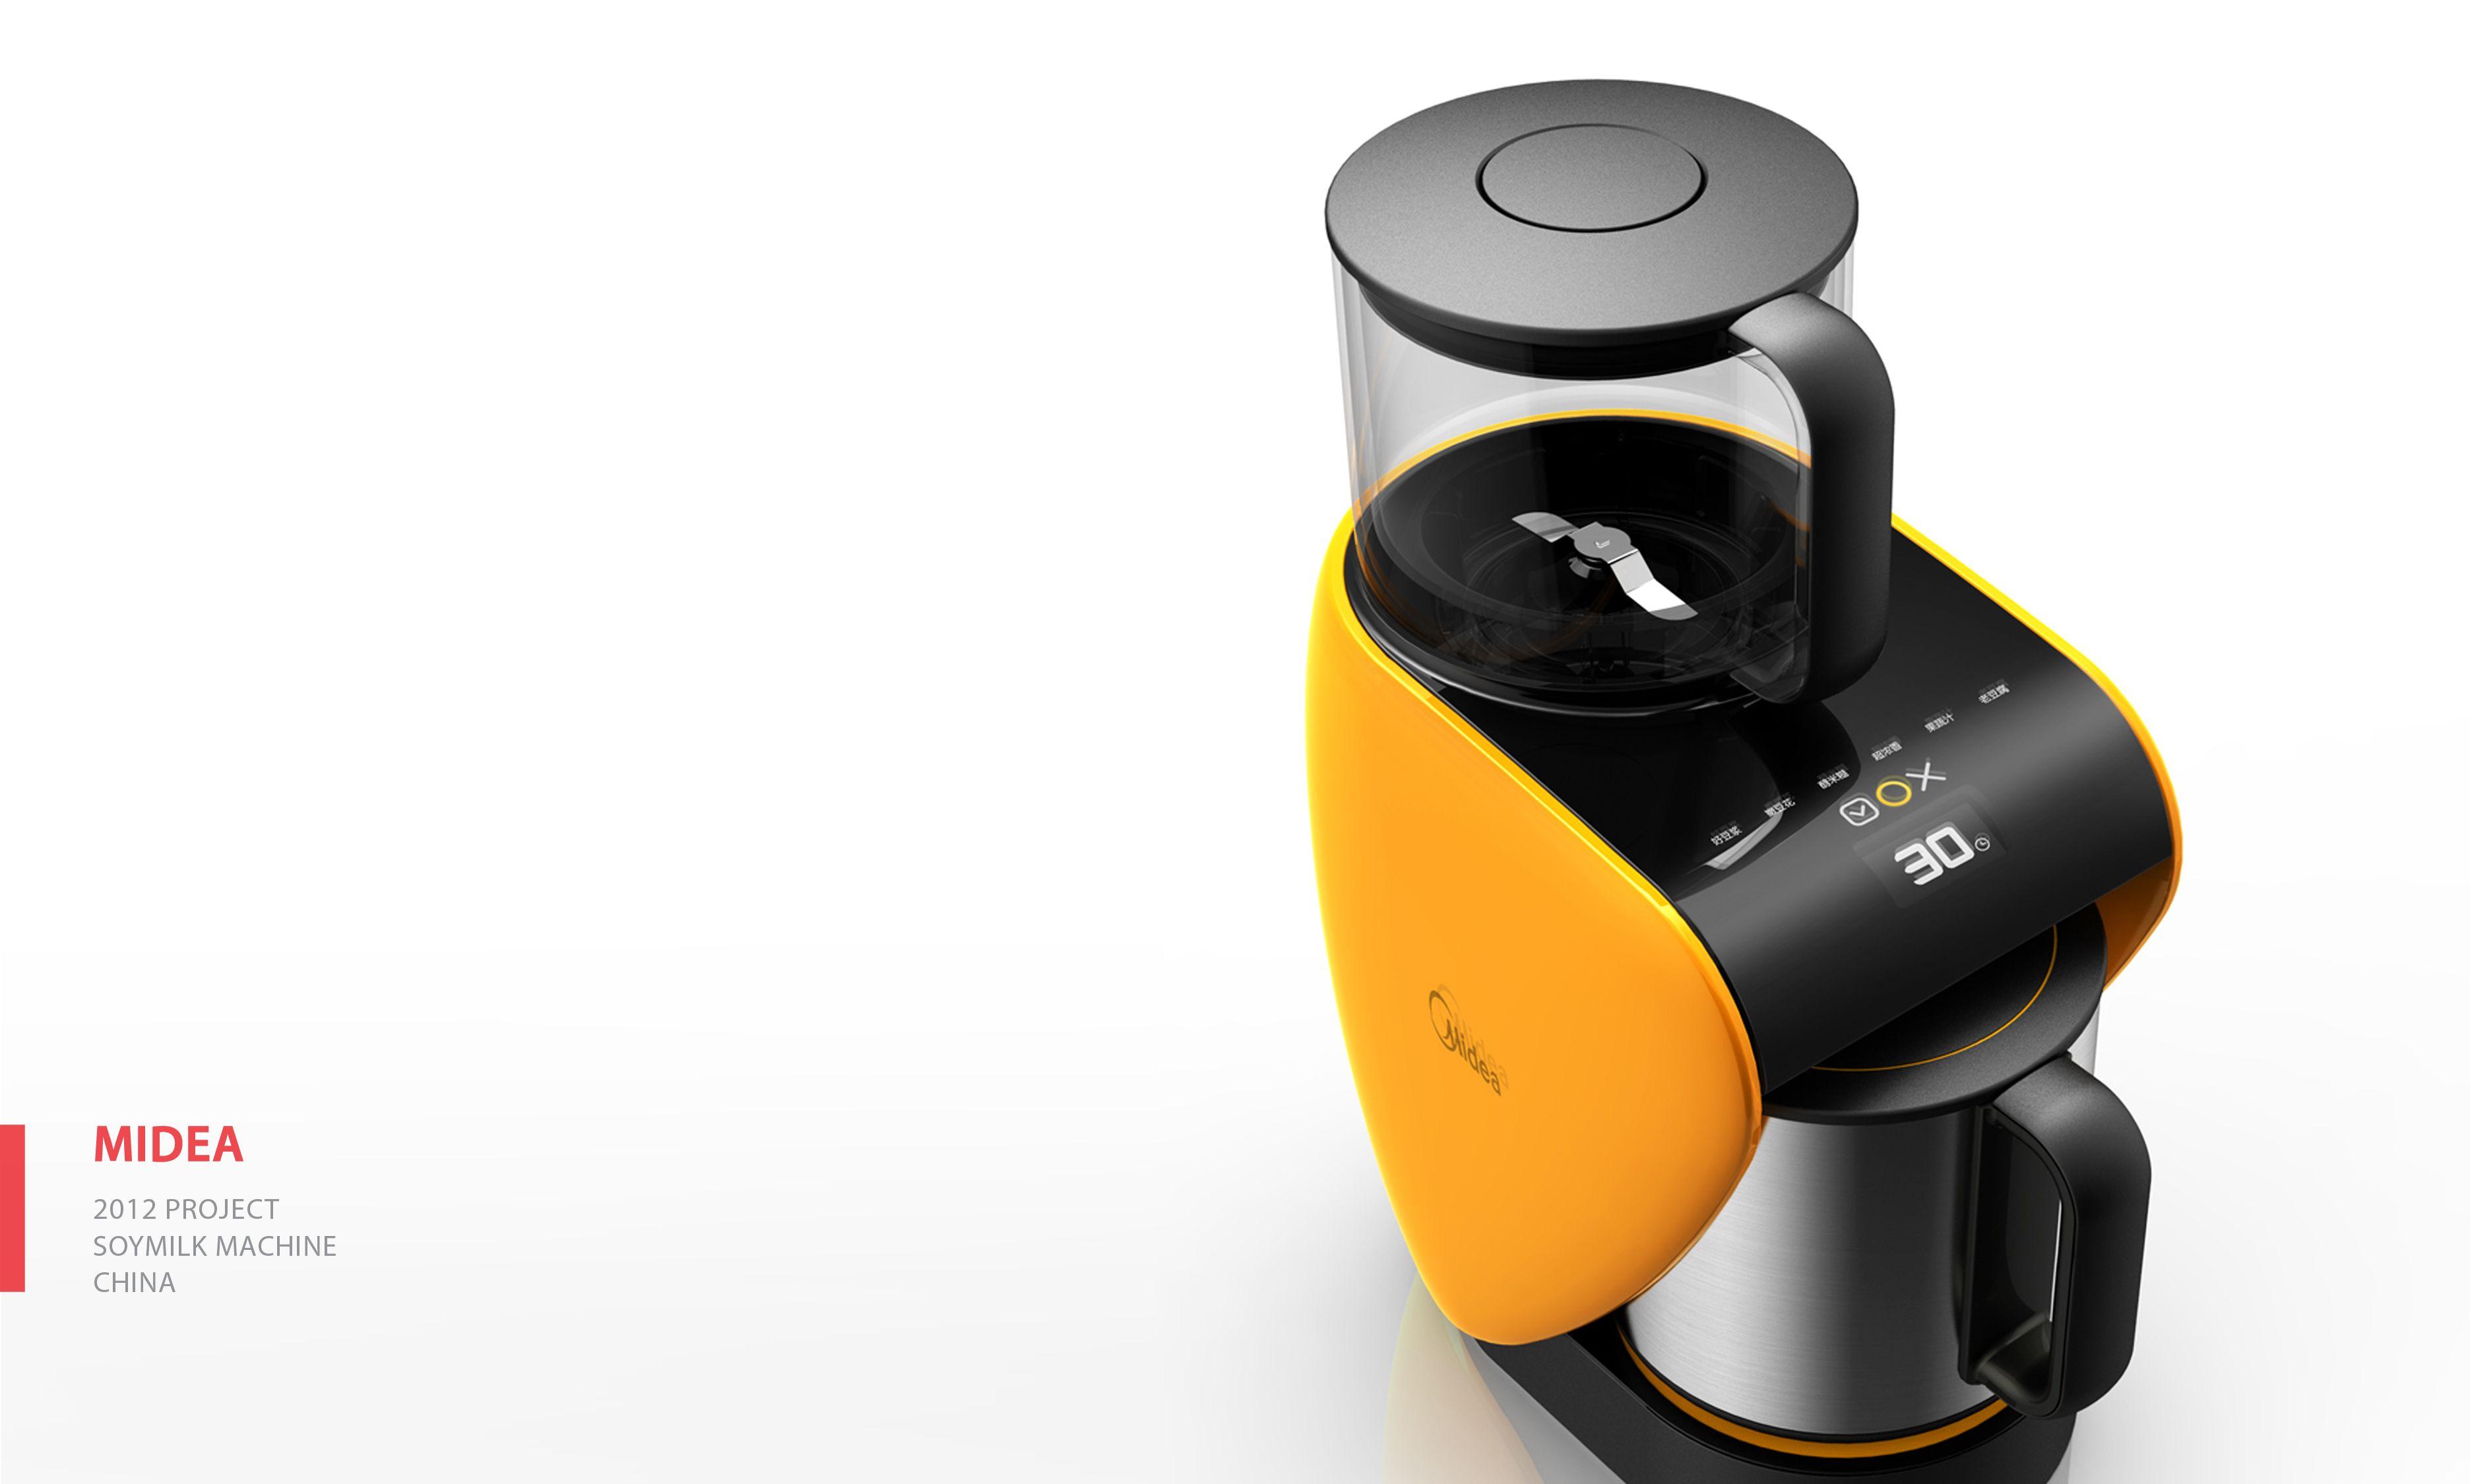 Midea soymilk machine _design by moto design machine